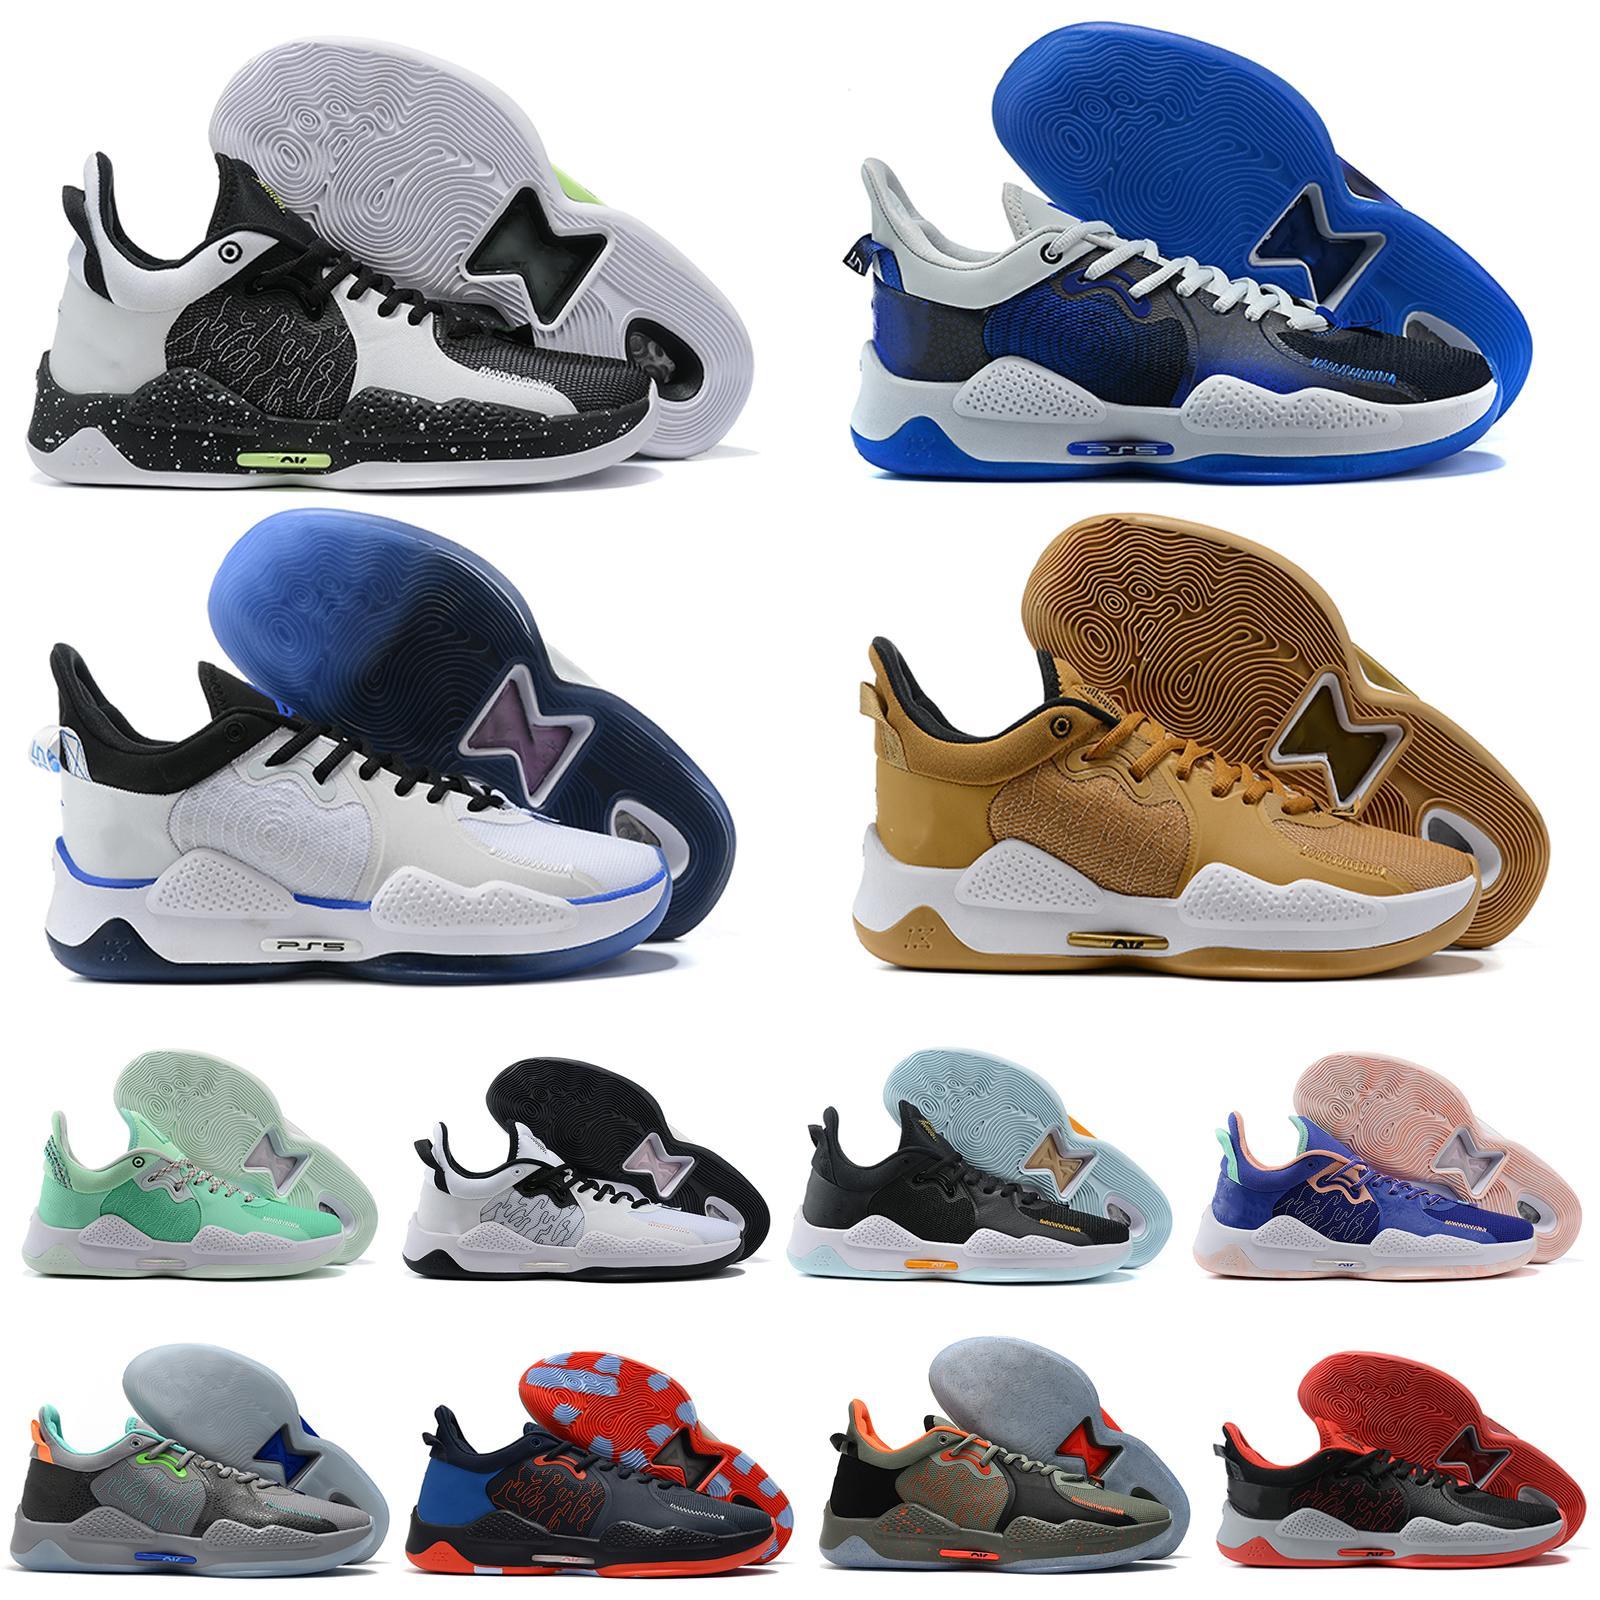 Erkekler Paul George PG 5 5 S Palmdale IV Basketbol Ayakkabı P.George PG5 Yıldızlı Mavi Turuncu Nane Yeşil Siyah Spor Sneakers Boyutu US7-12